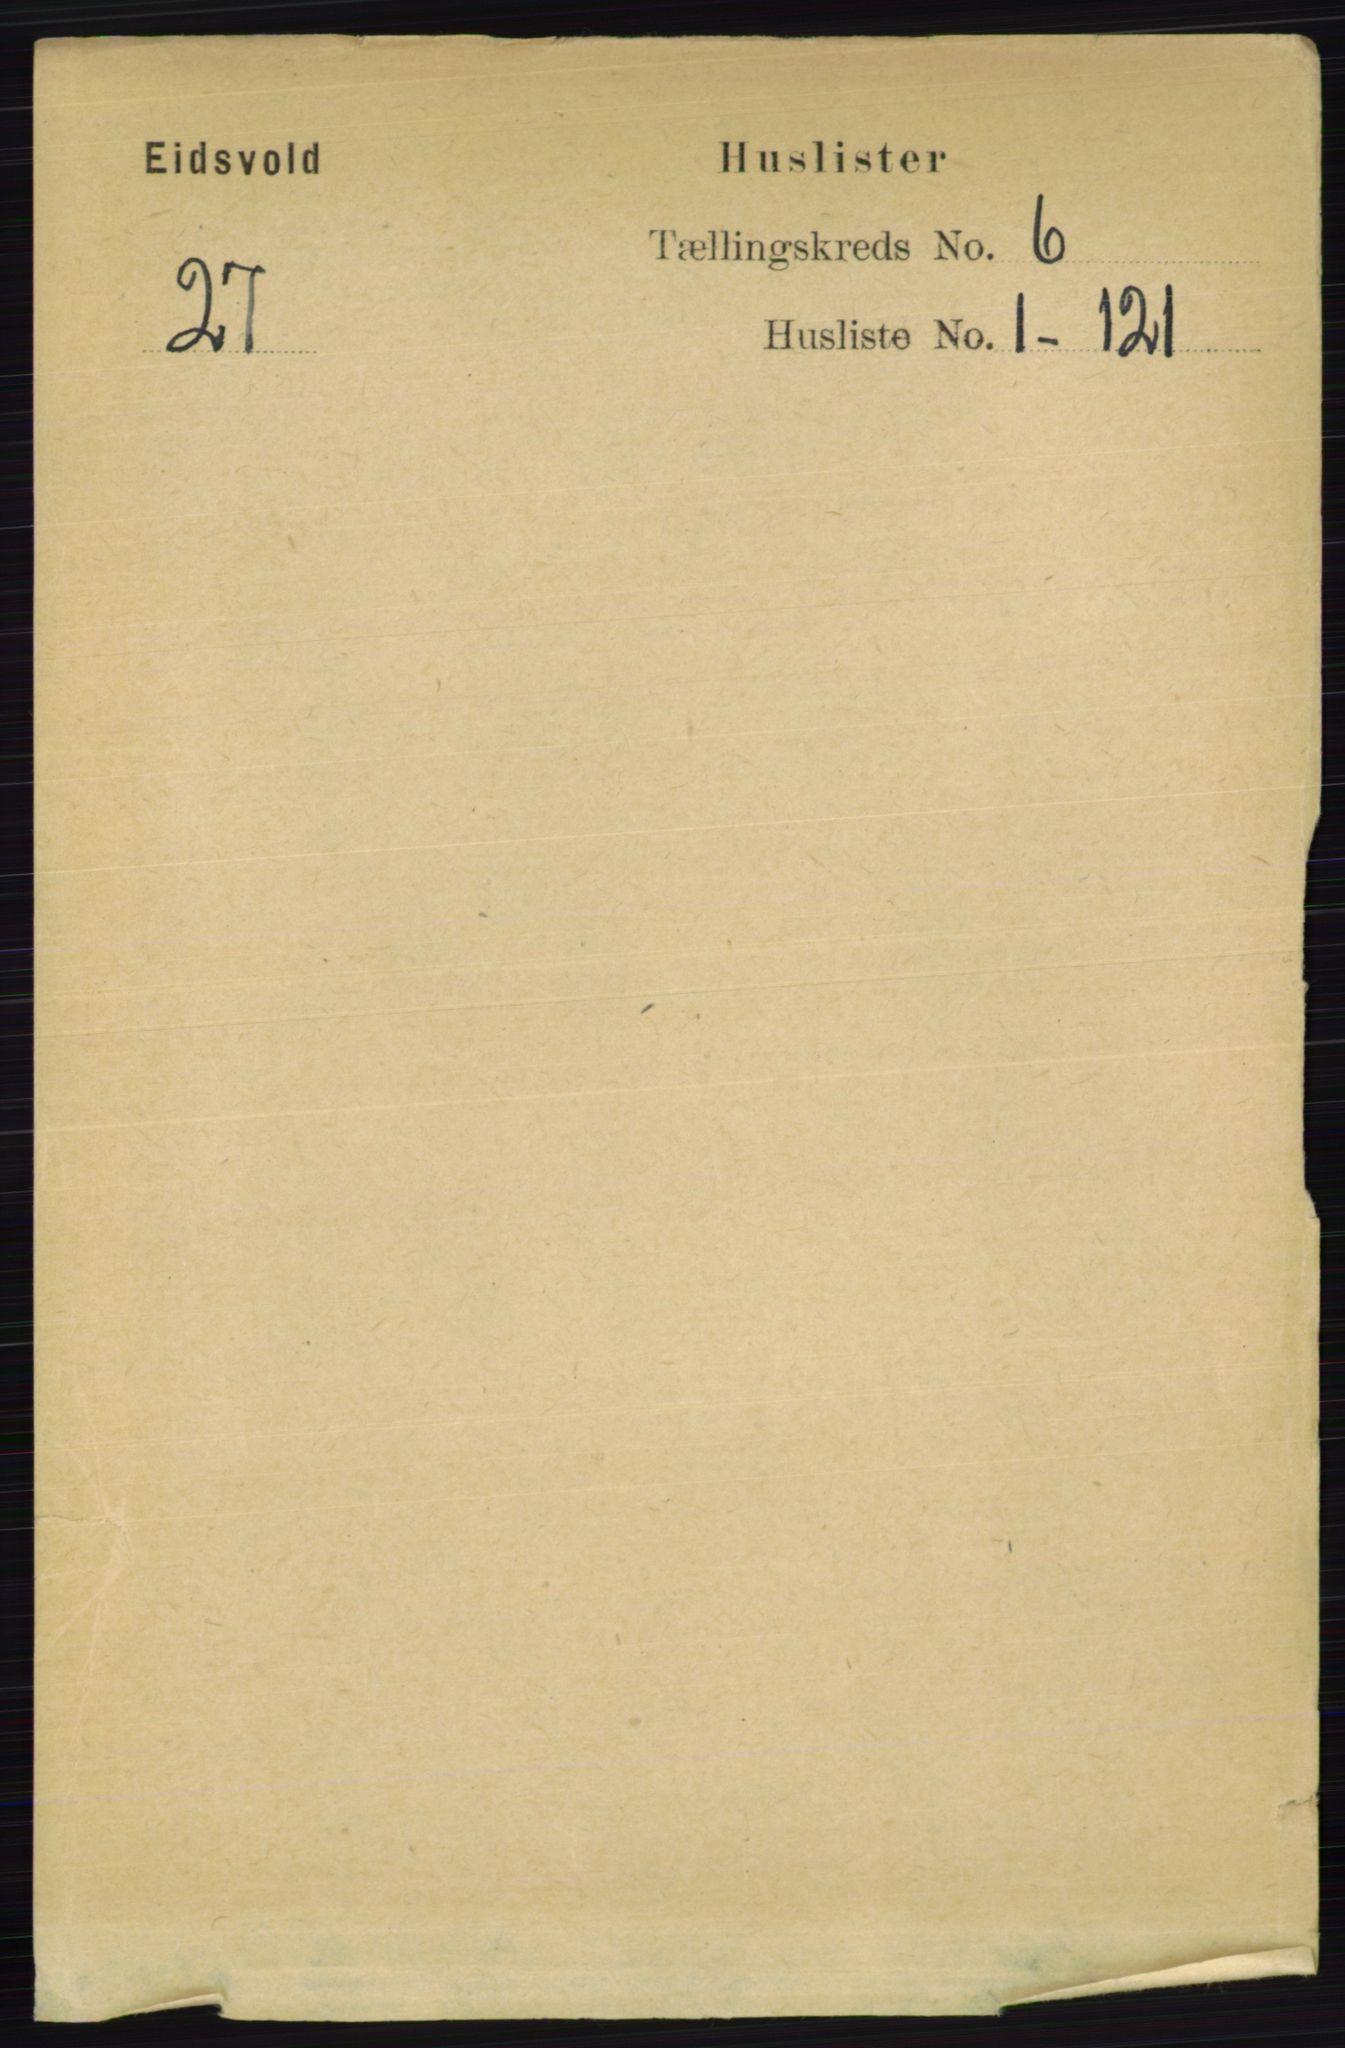 RA, Folketelling 1891 for 0237 Eidsvoll herred, 1891, s. 3658